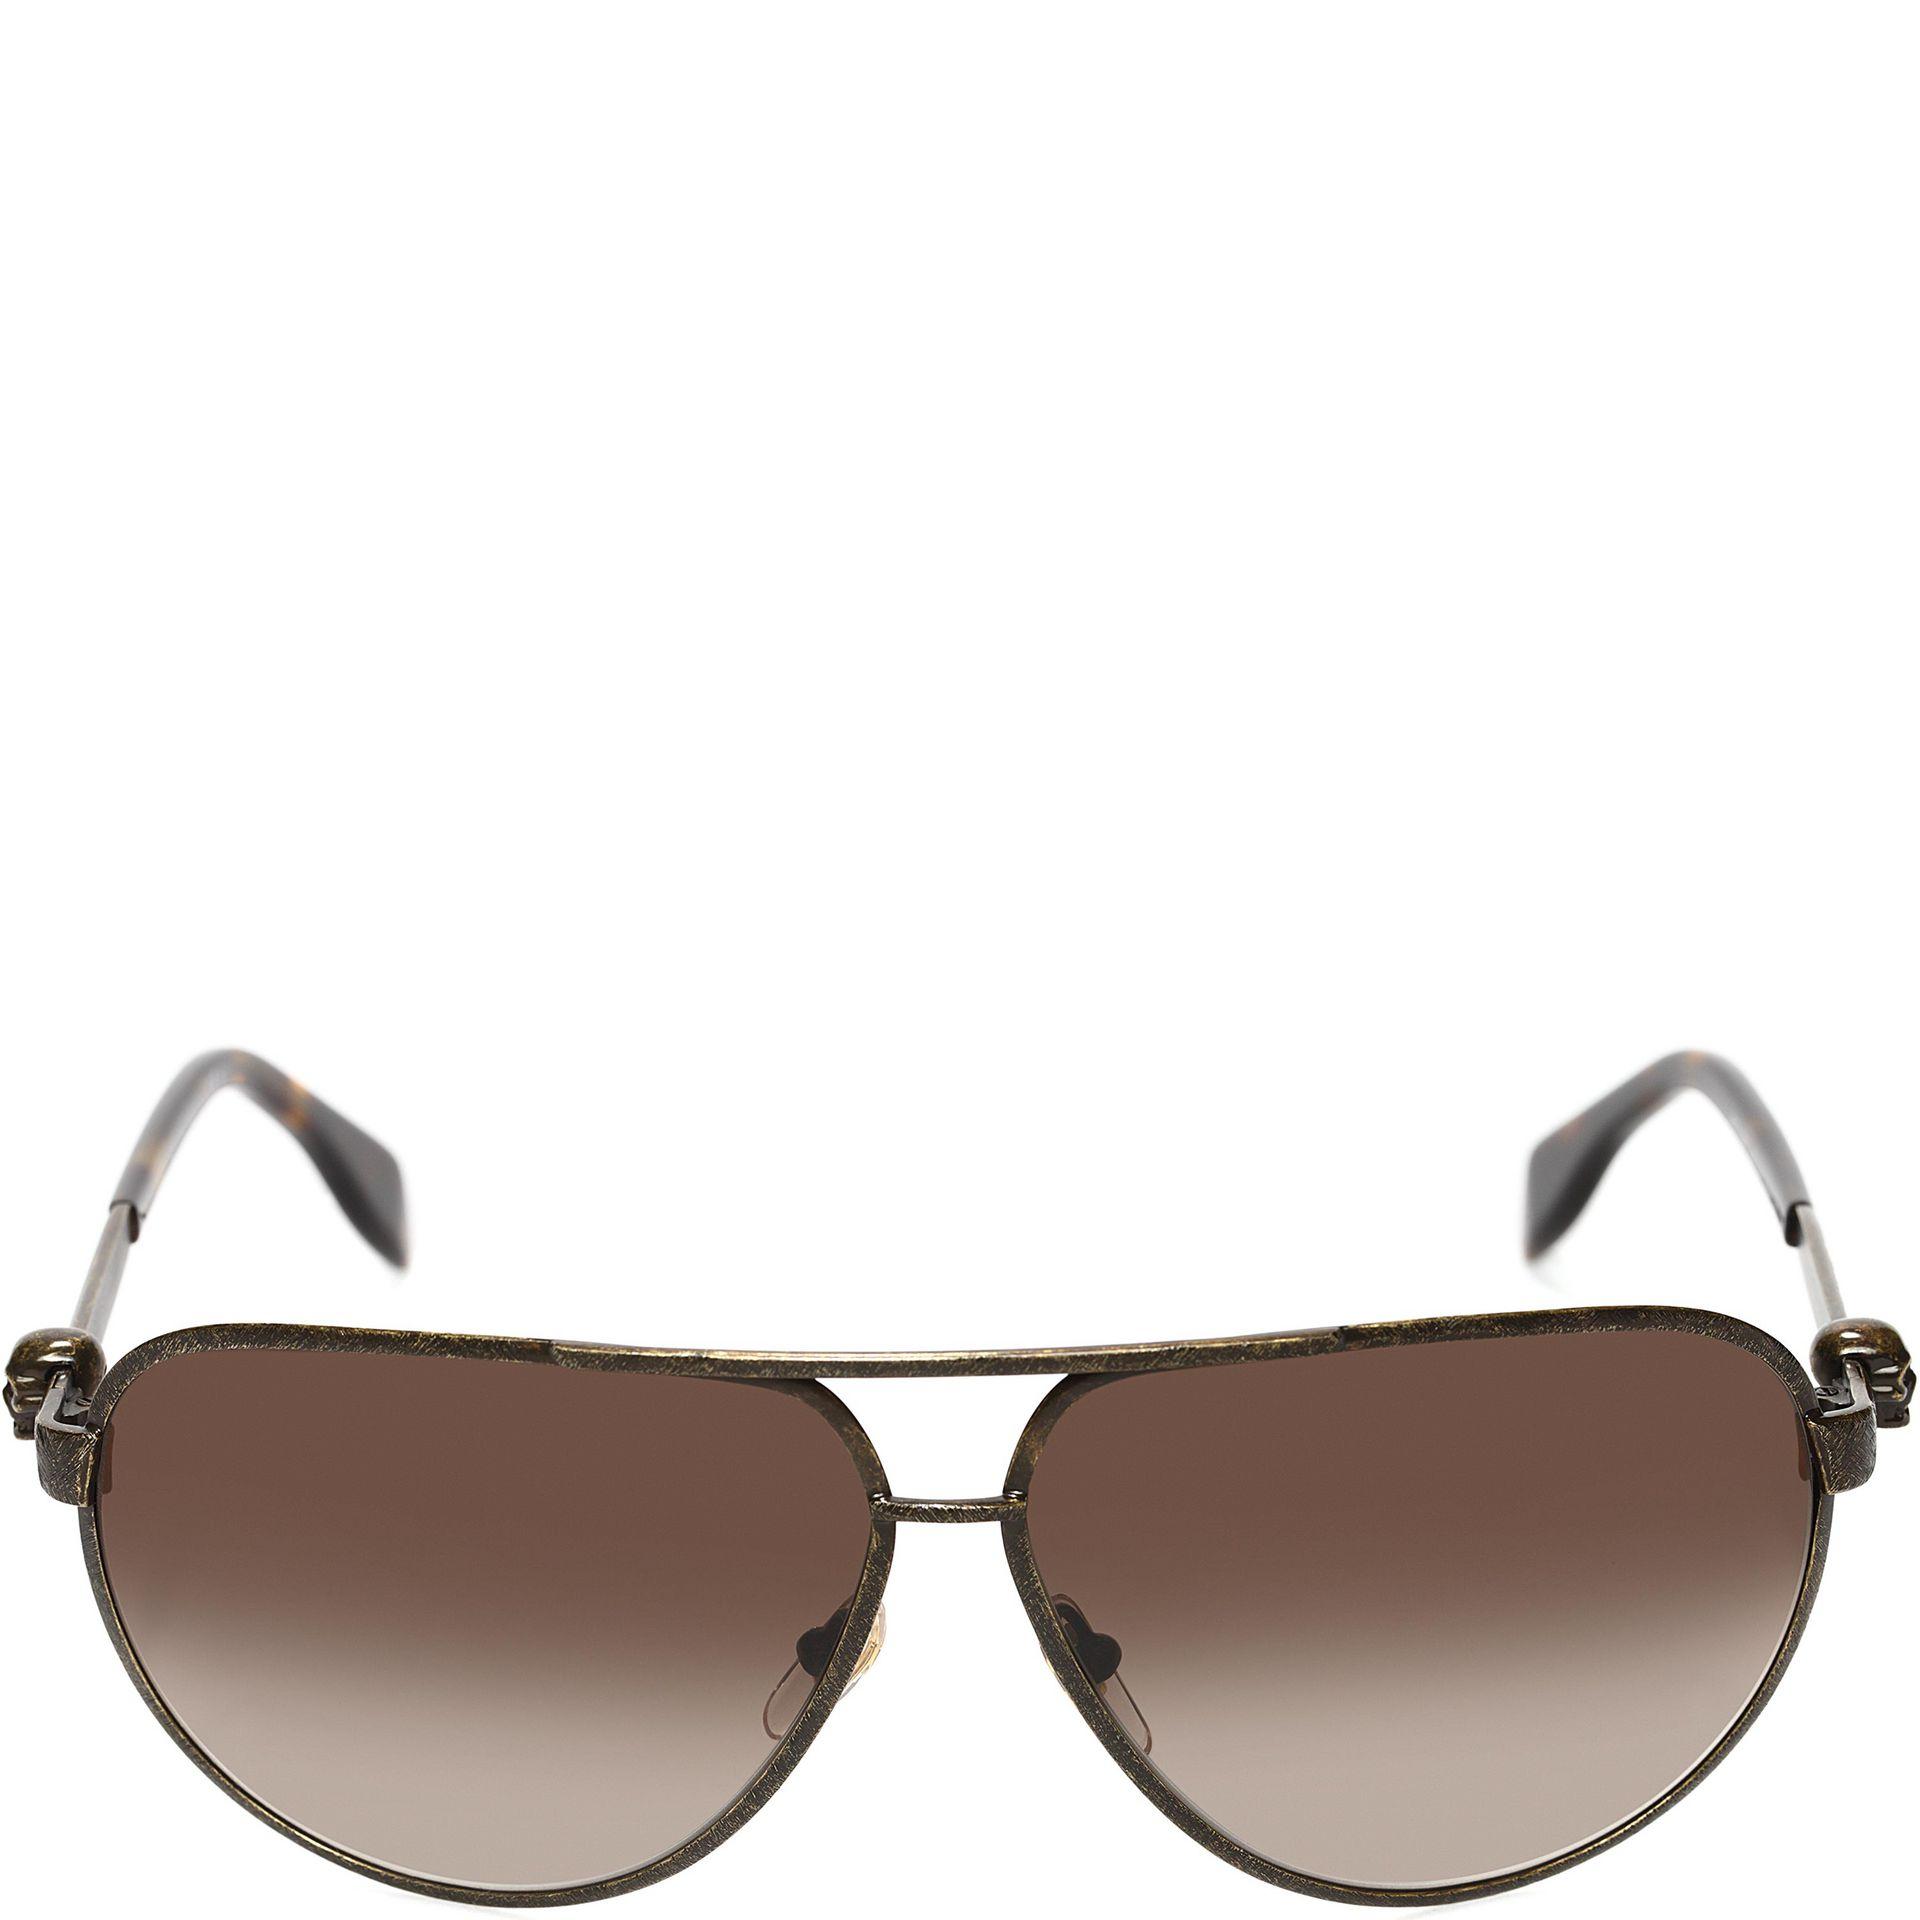 5541c09d80c Alexander Mcqueen Metallic Skull Pilot Sunglasses in Brown for Men ...